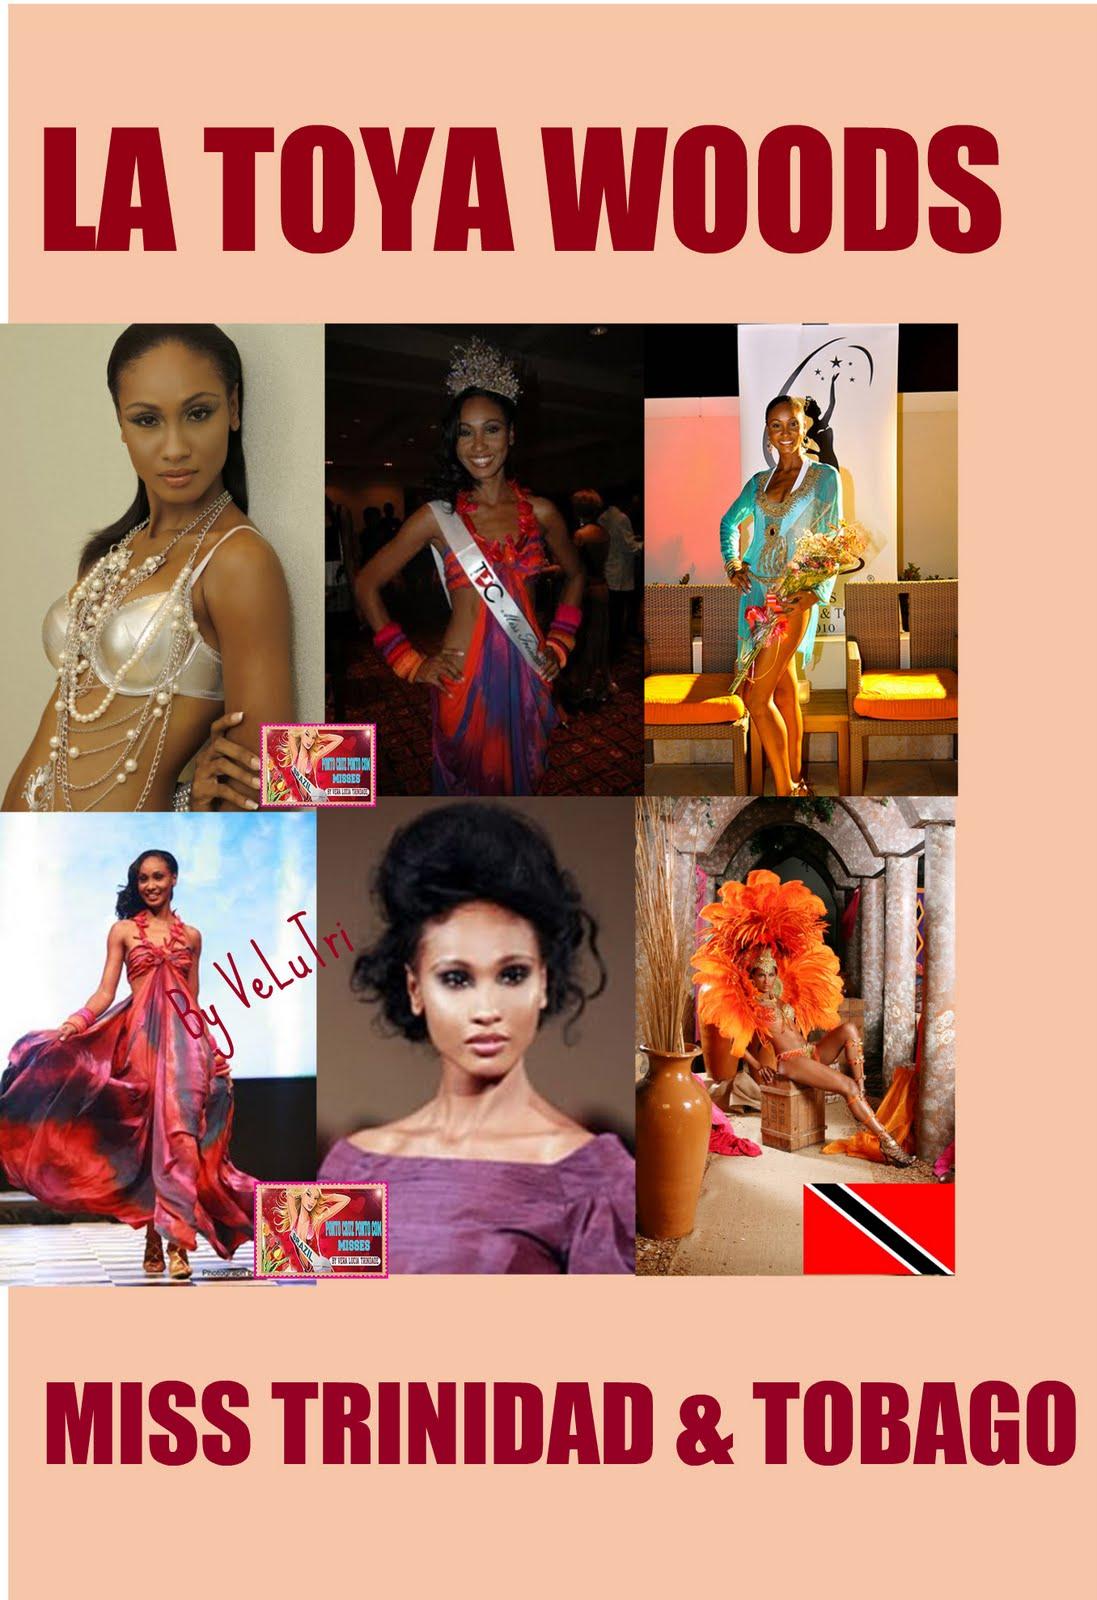 Miss Trinidad y tobago 2010 desnuda